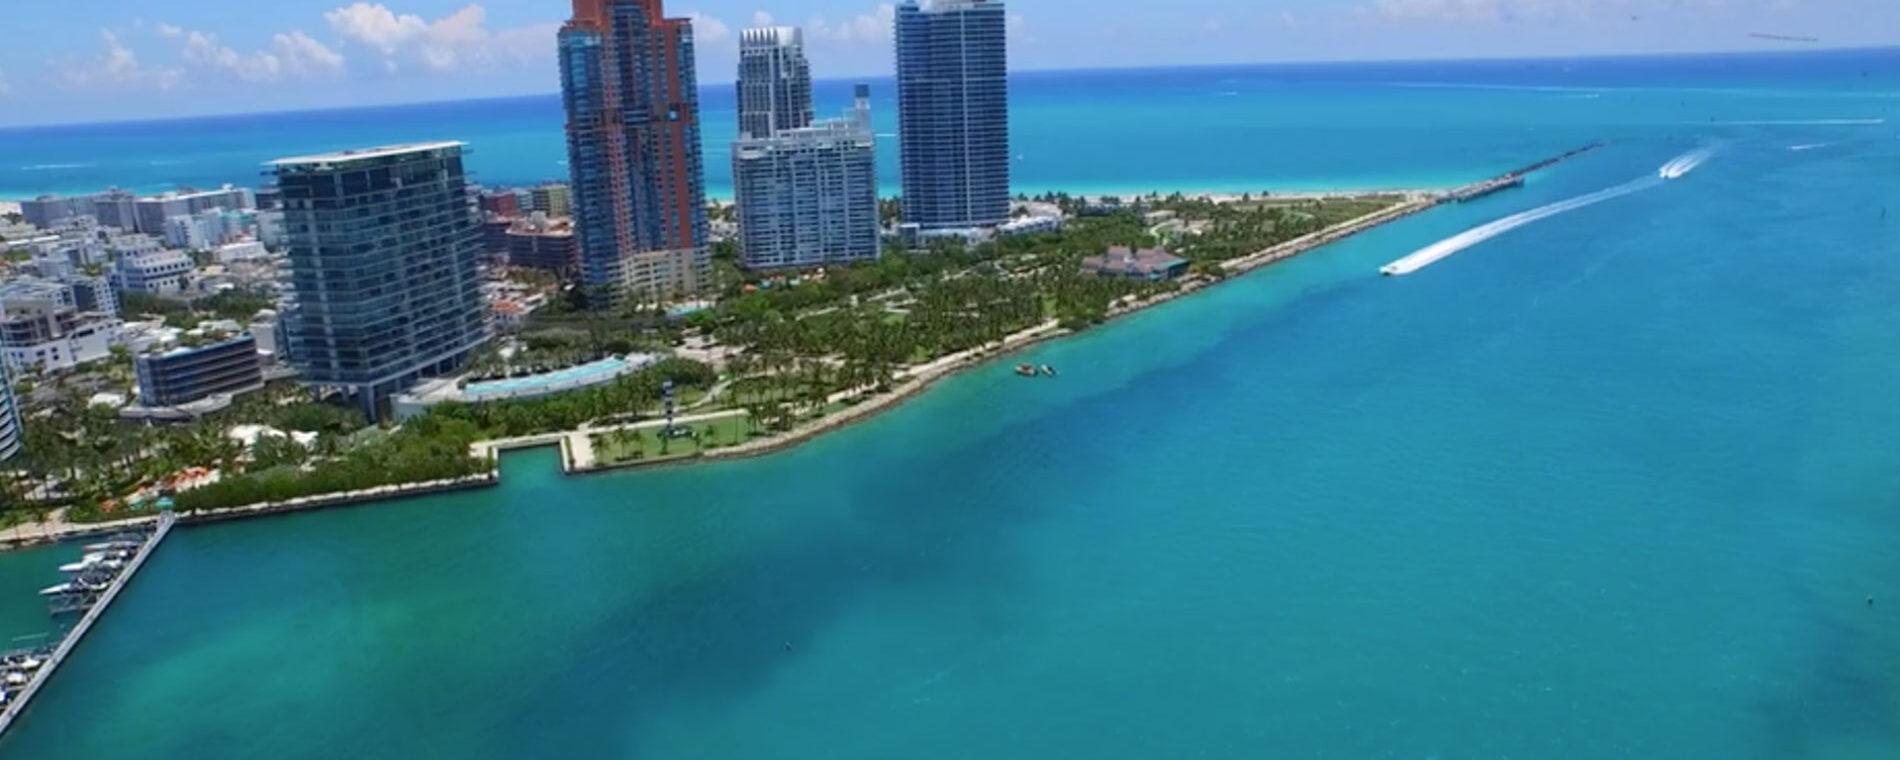 Art Basel Miami Beach coming soon